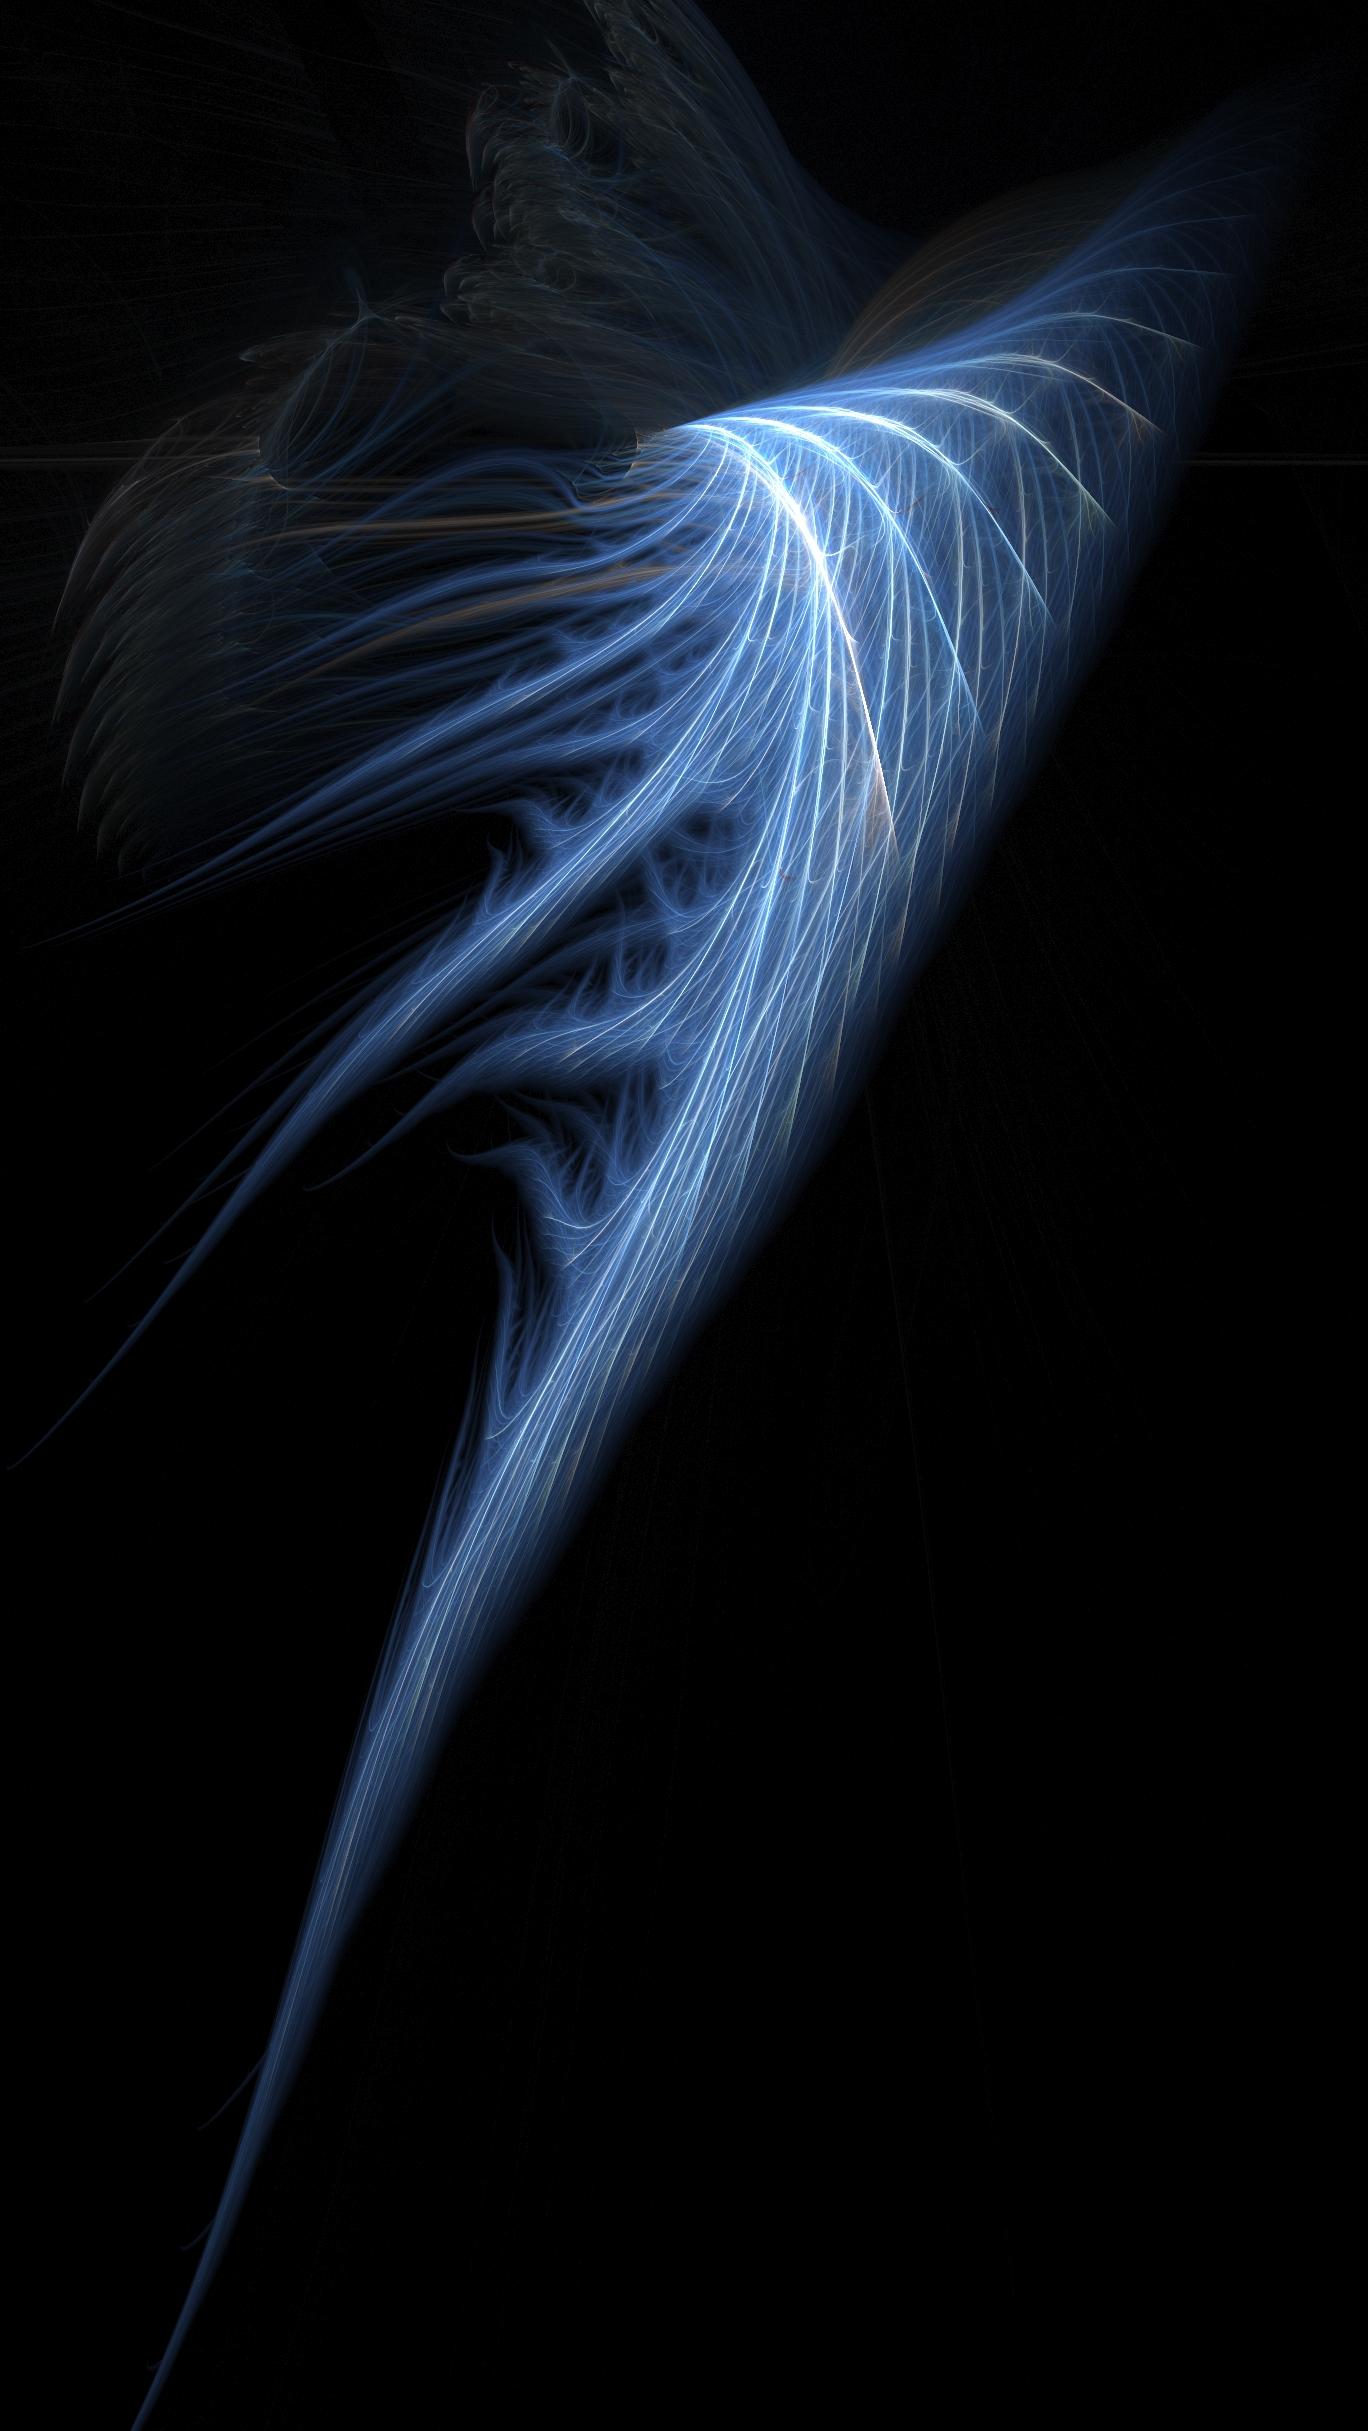 Feathers of a Fallen Angel HQ by vimka on DeviantArt